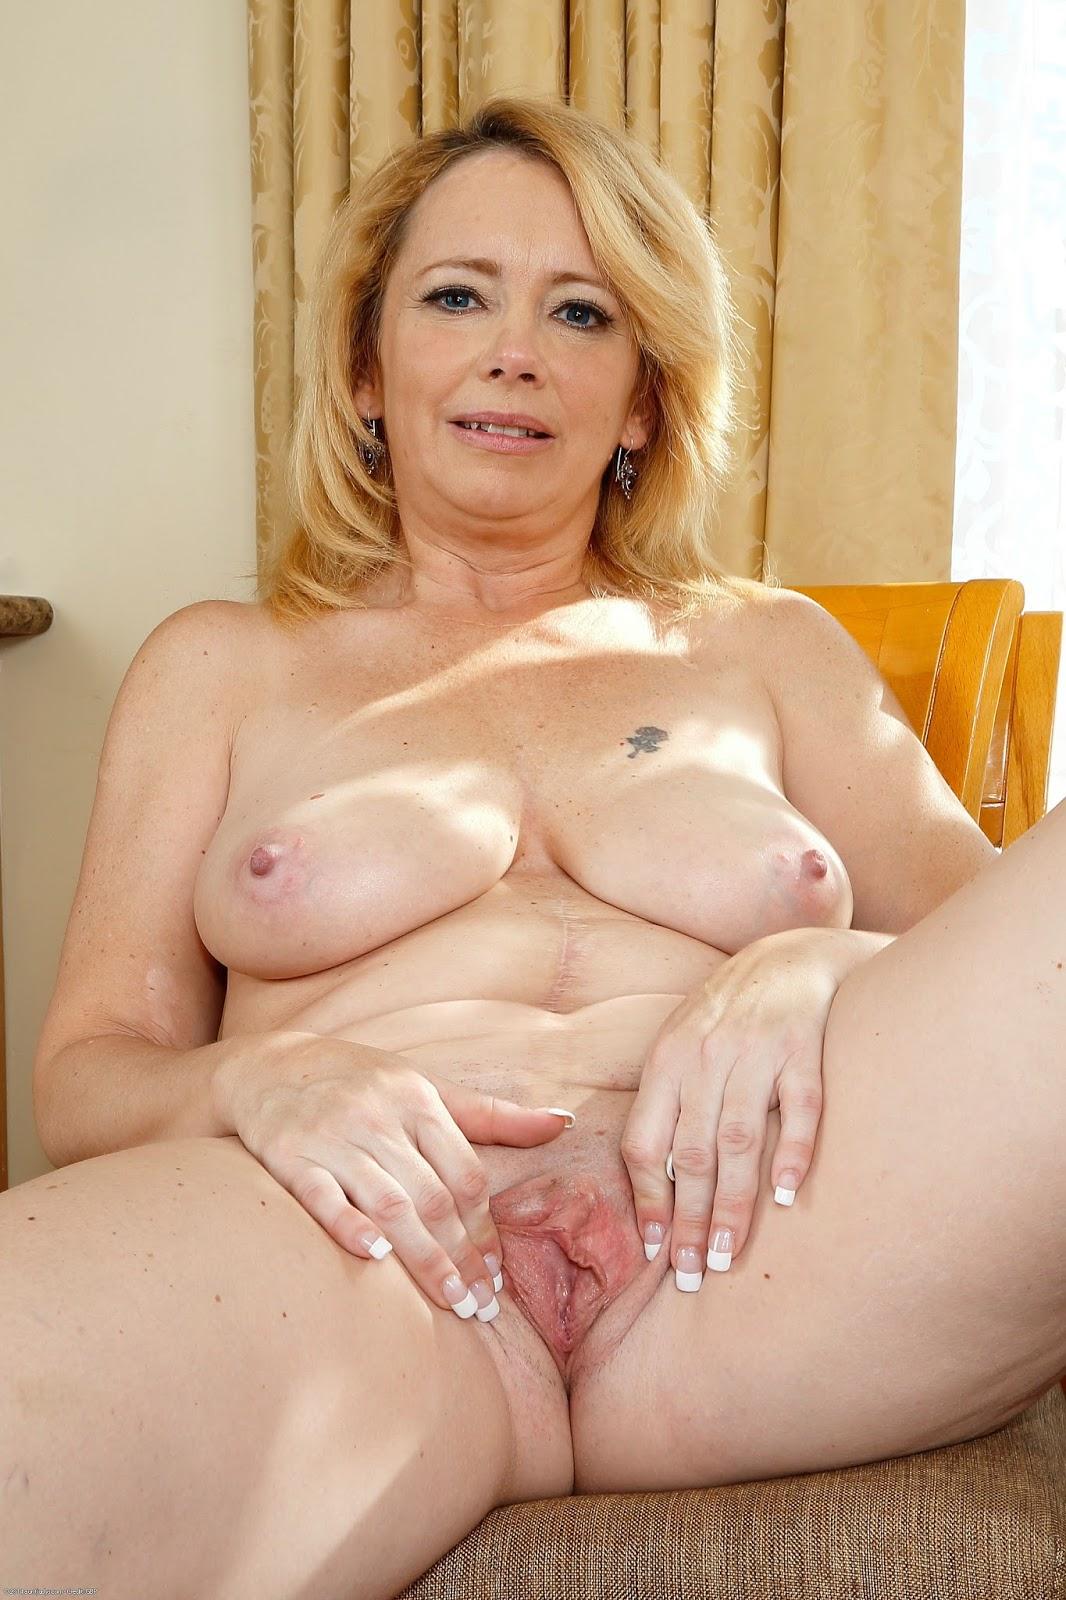 full screen hd nude image